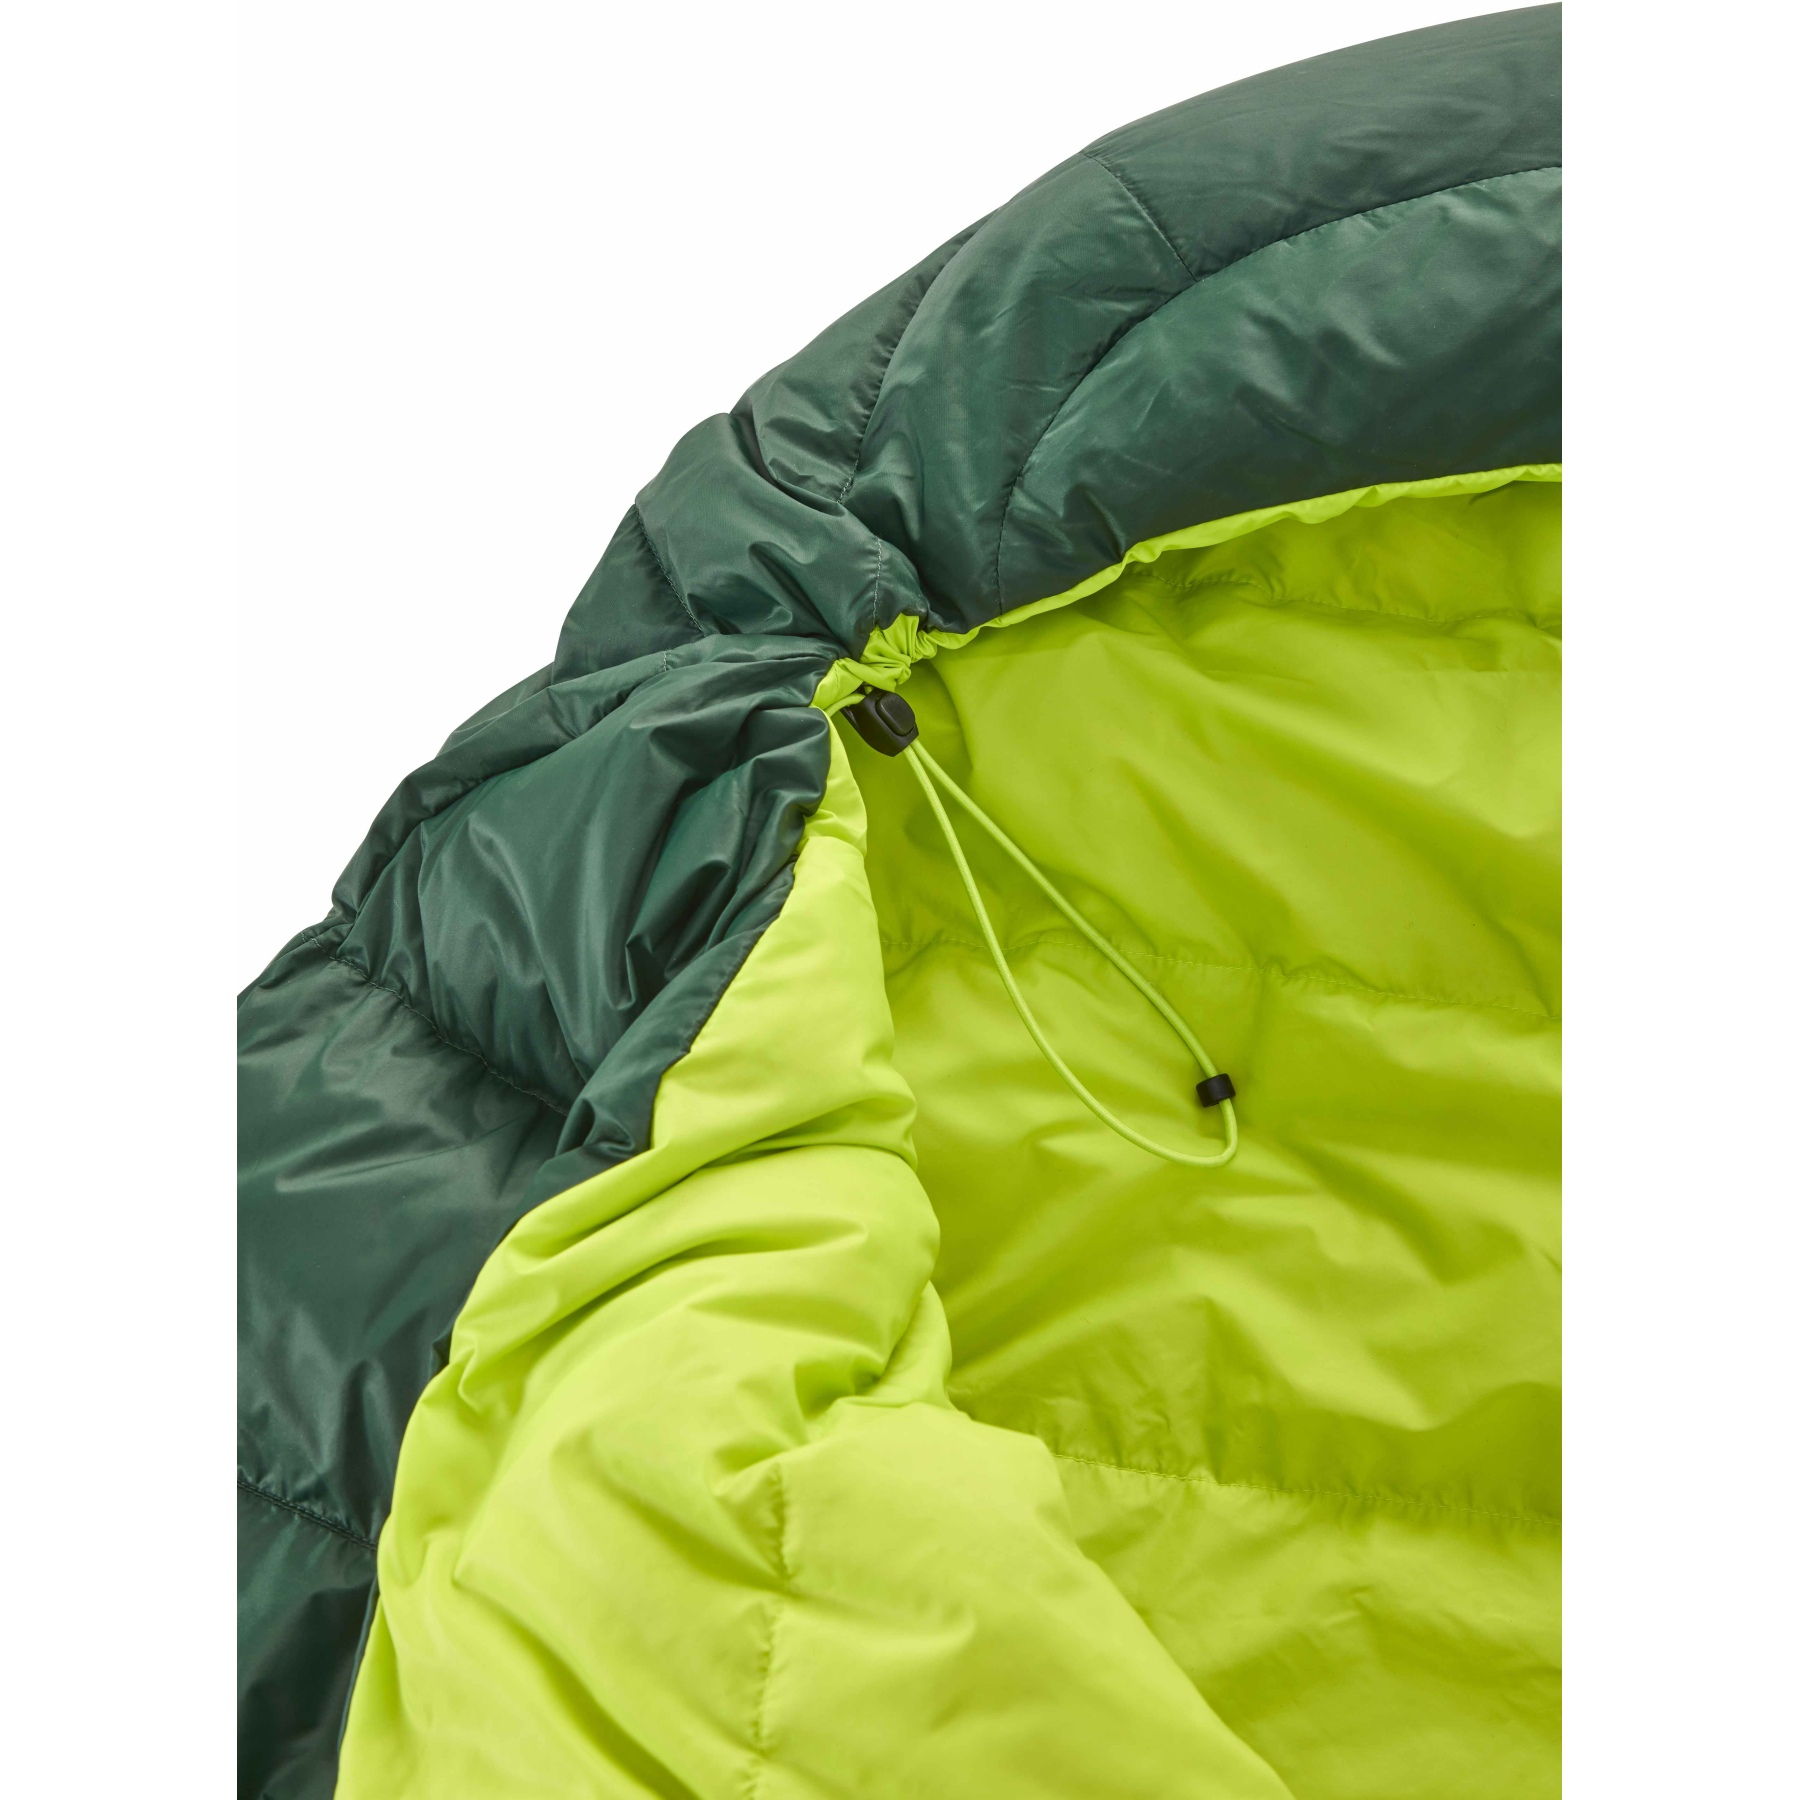 Bild von Y by Nordisk Tension Comfort 300 L Schlafsack - scarab/lime